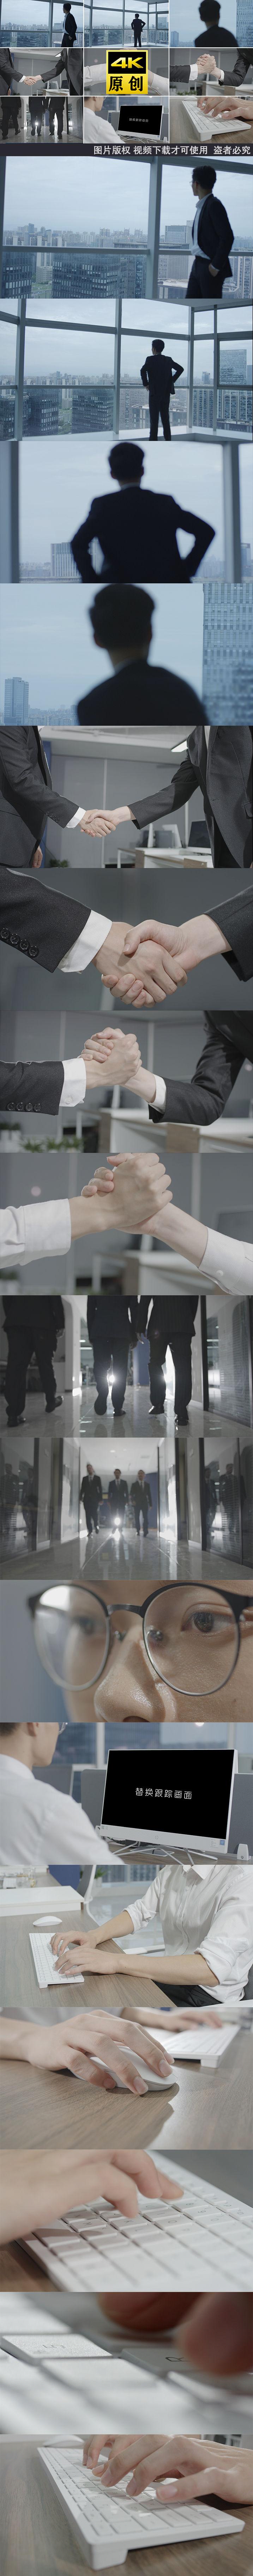 商务握手成功人士白领合作励志奋斗房产地产